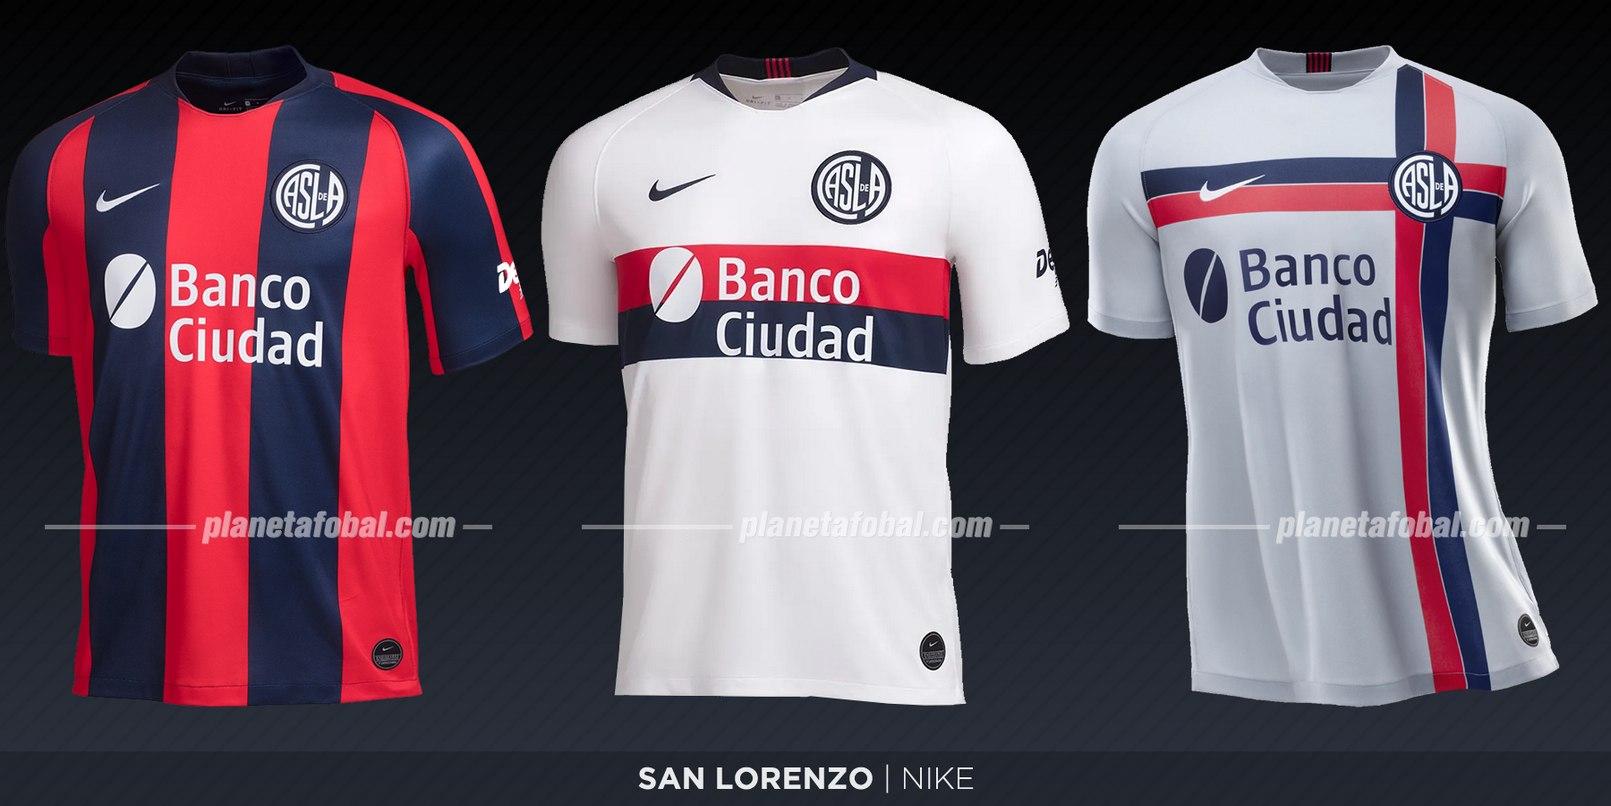 San Lorenzo (Nike) | Camisetas de la Superliga 2019/2020